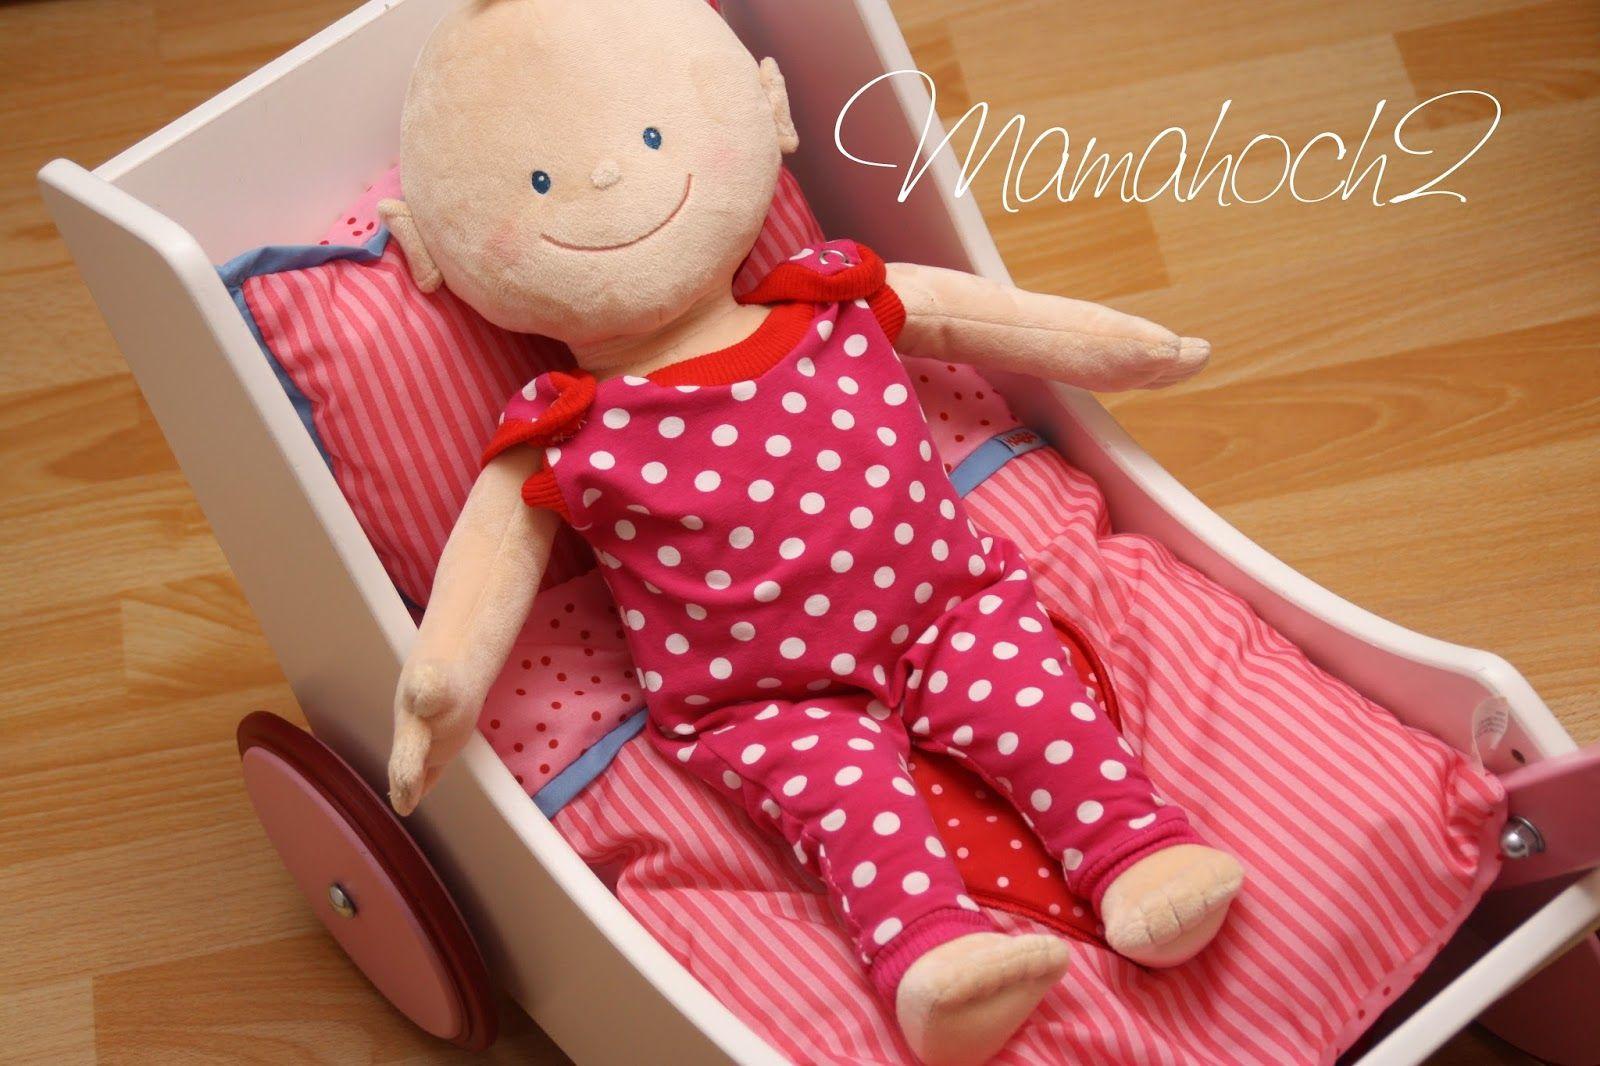 mamahoch2 ein strampler f r kr mel 43cm freebook kostenlose n hanleitungen. Black Bedroom Furniture Sets. Home Design Ideas